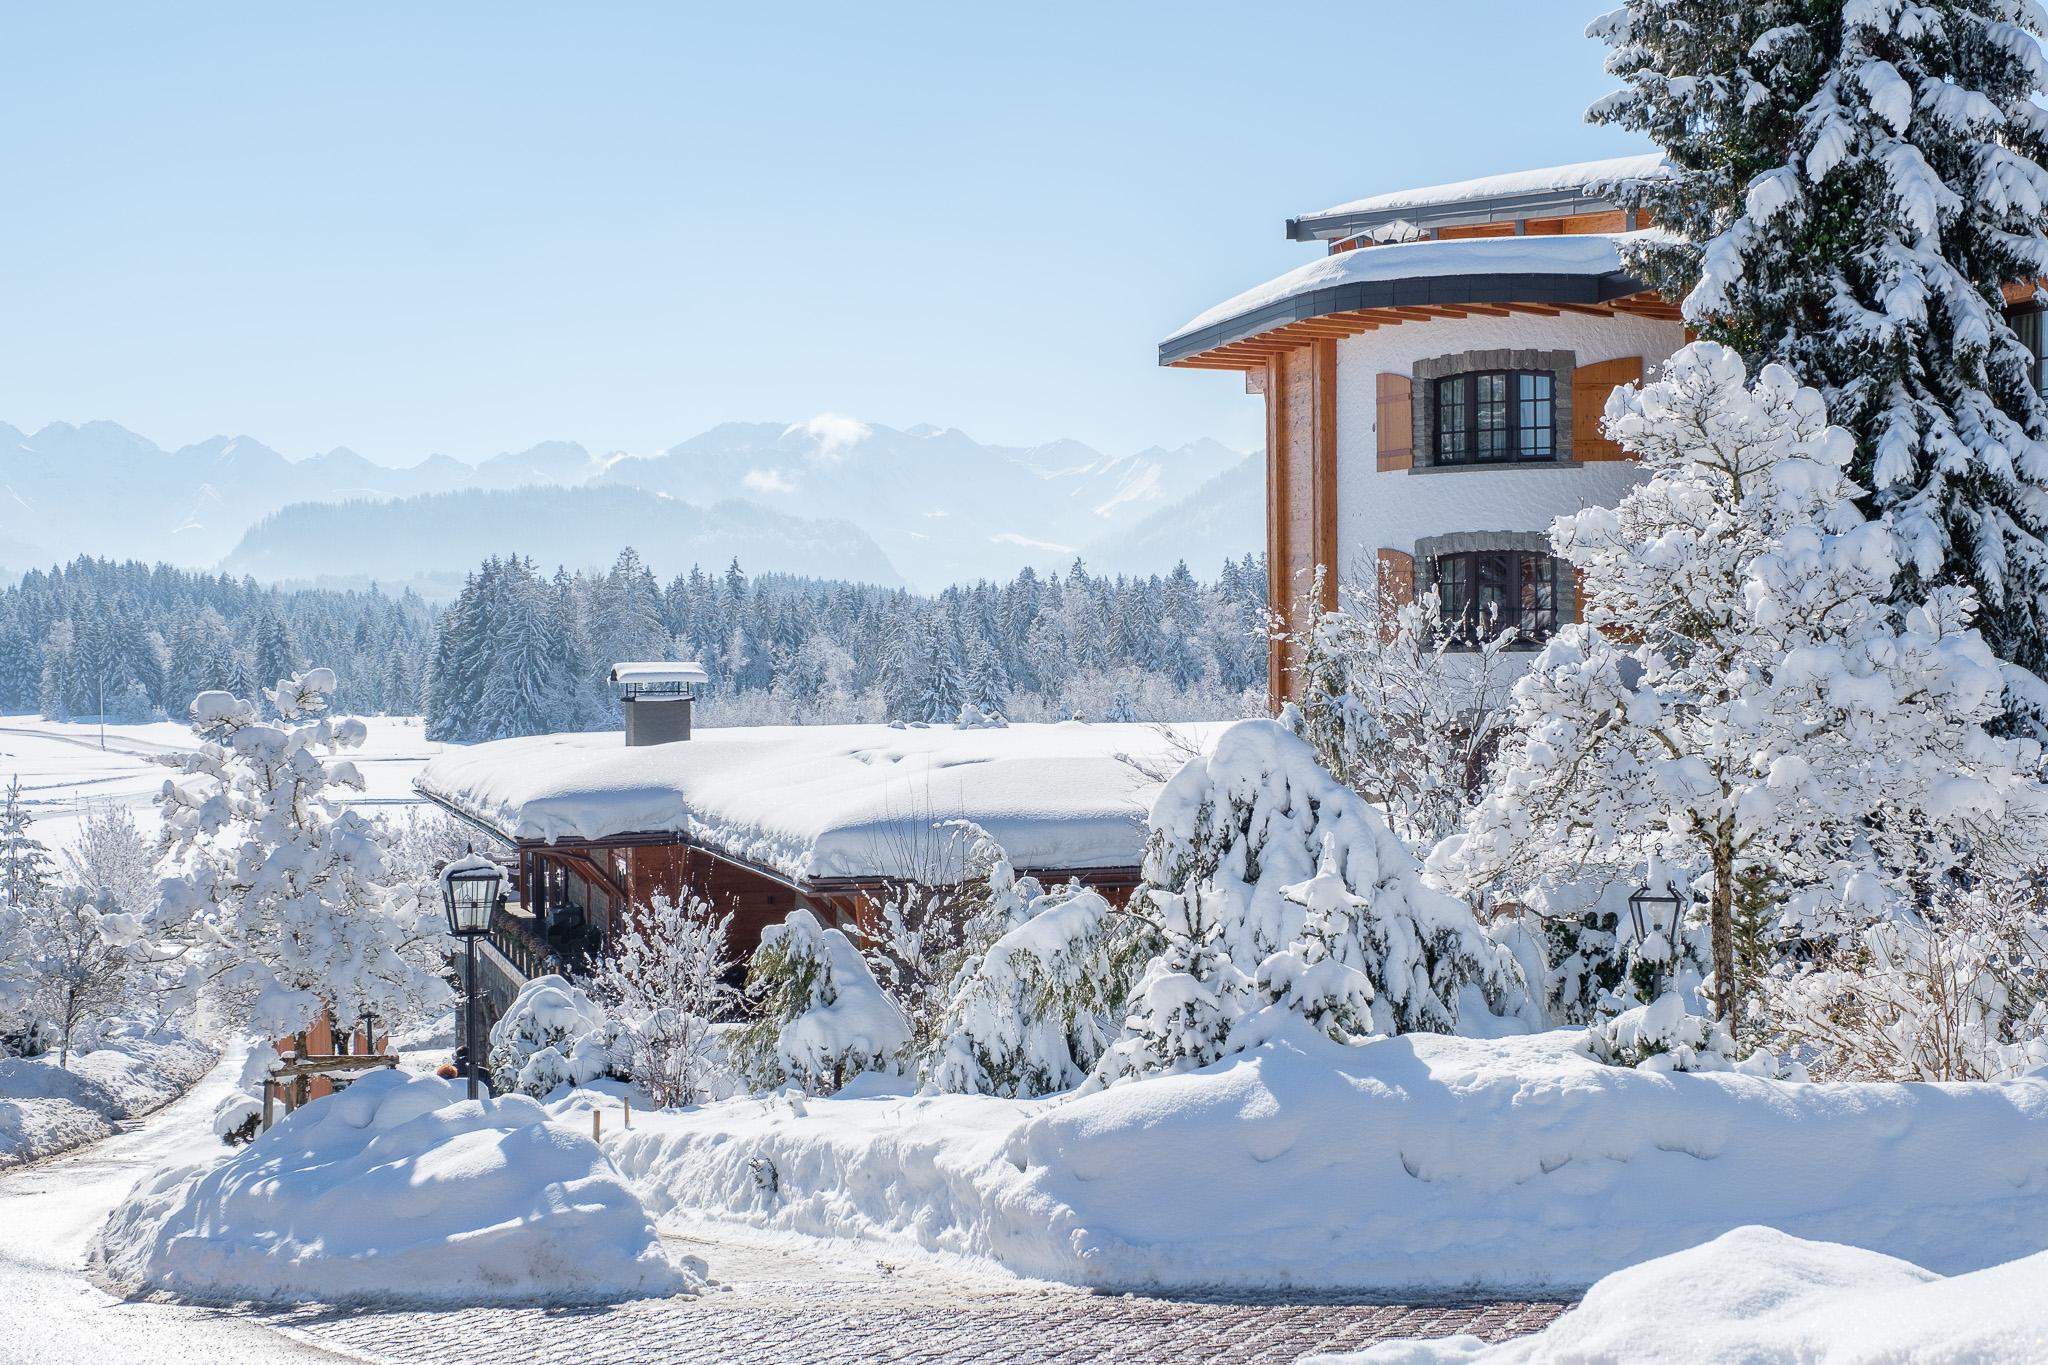 hotelansicht_winter  (1)